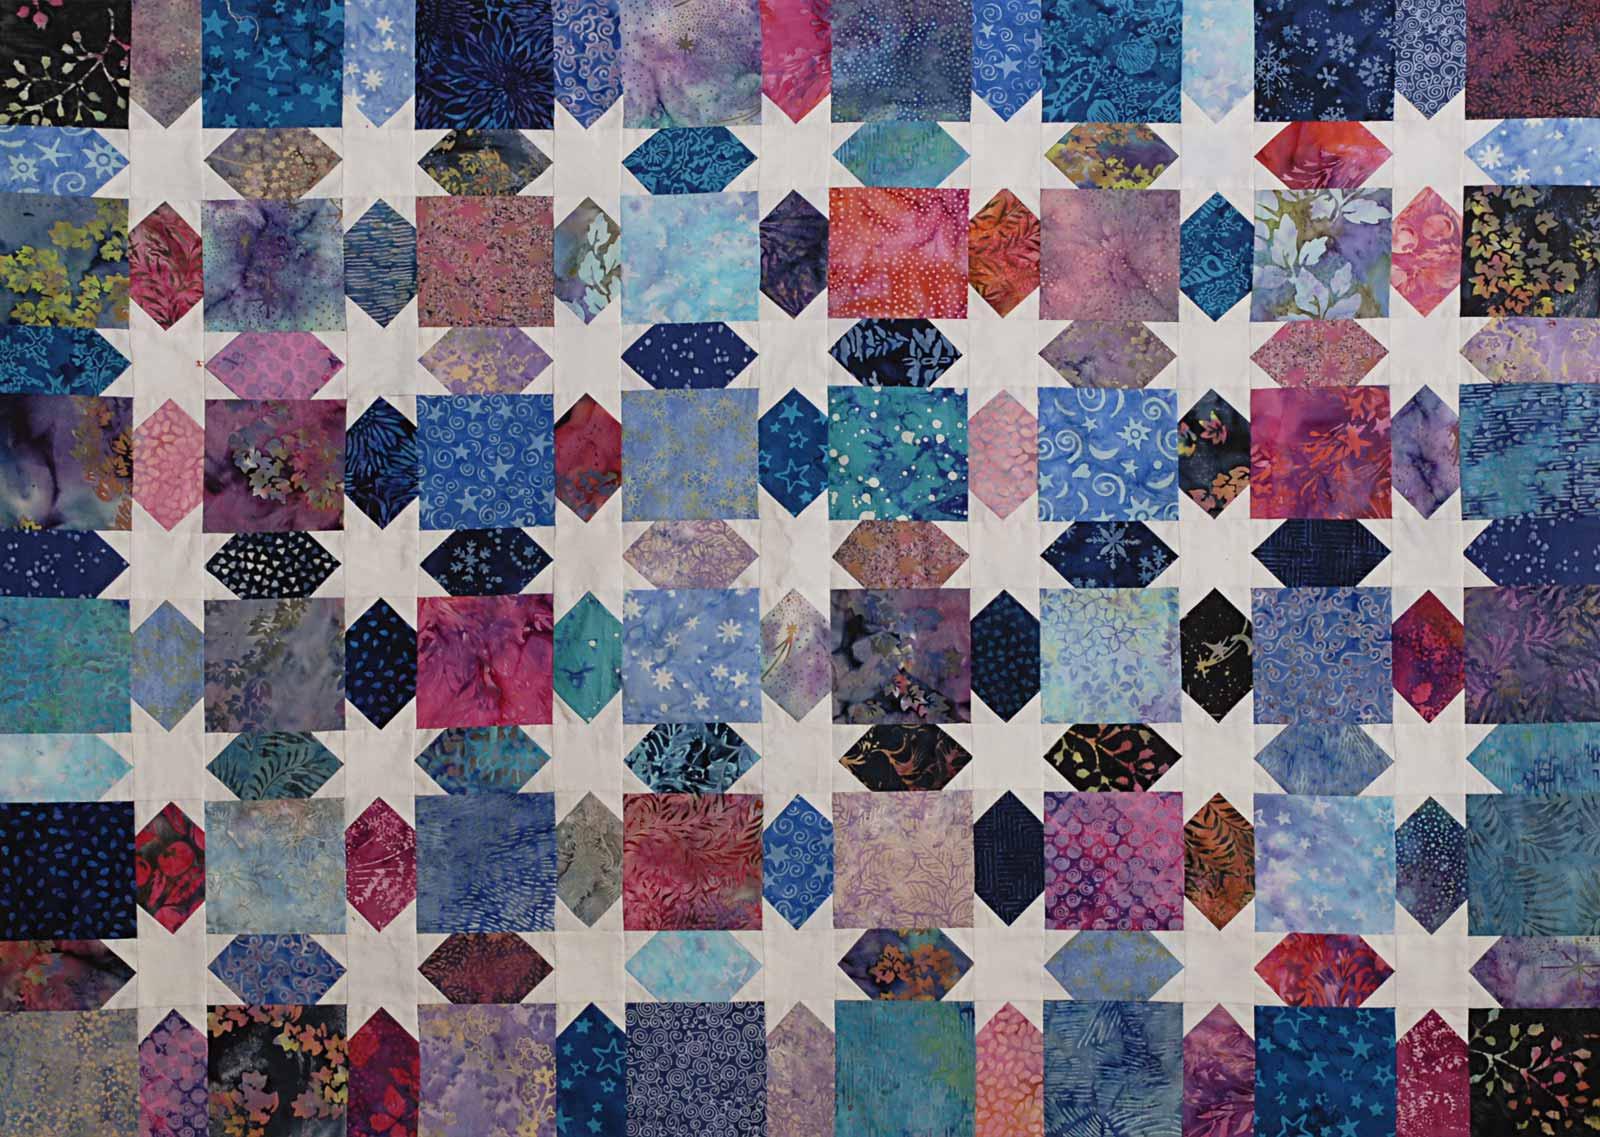 Quilt Batik scrap quilt by Jeanne Selep Imaging